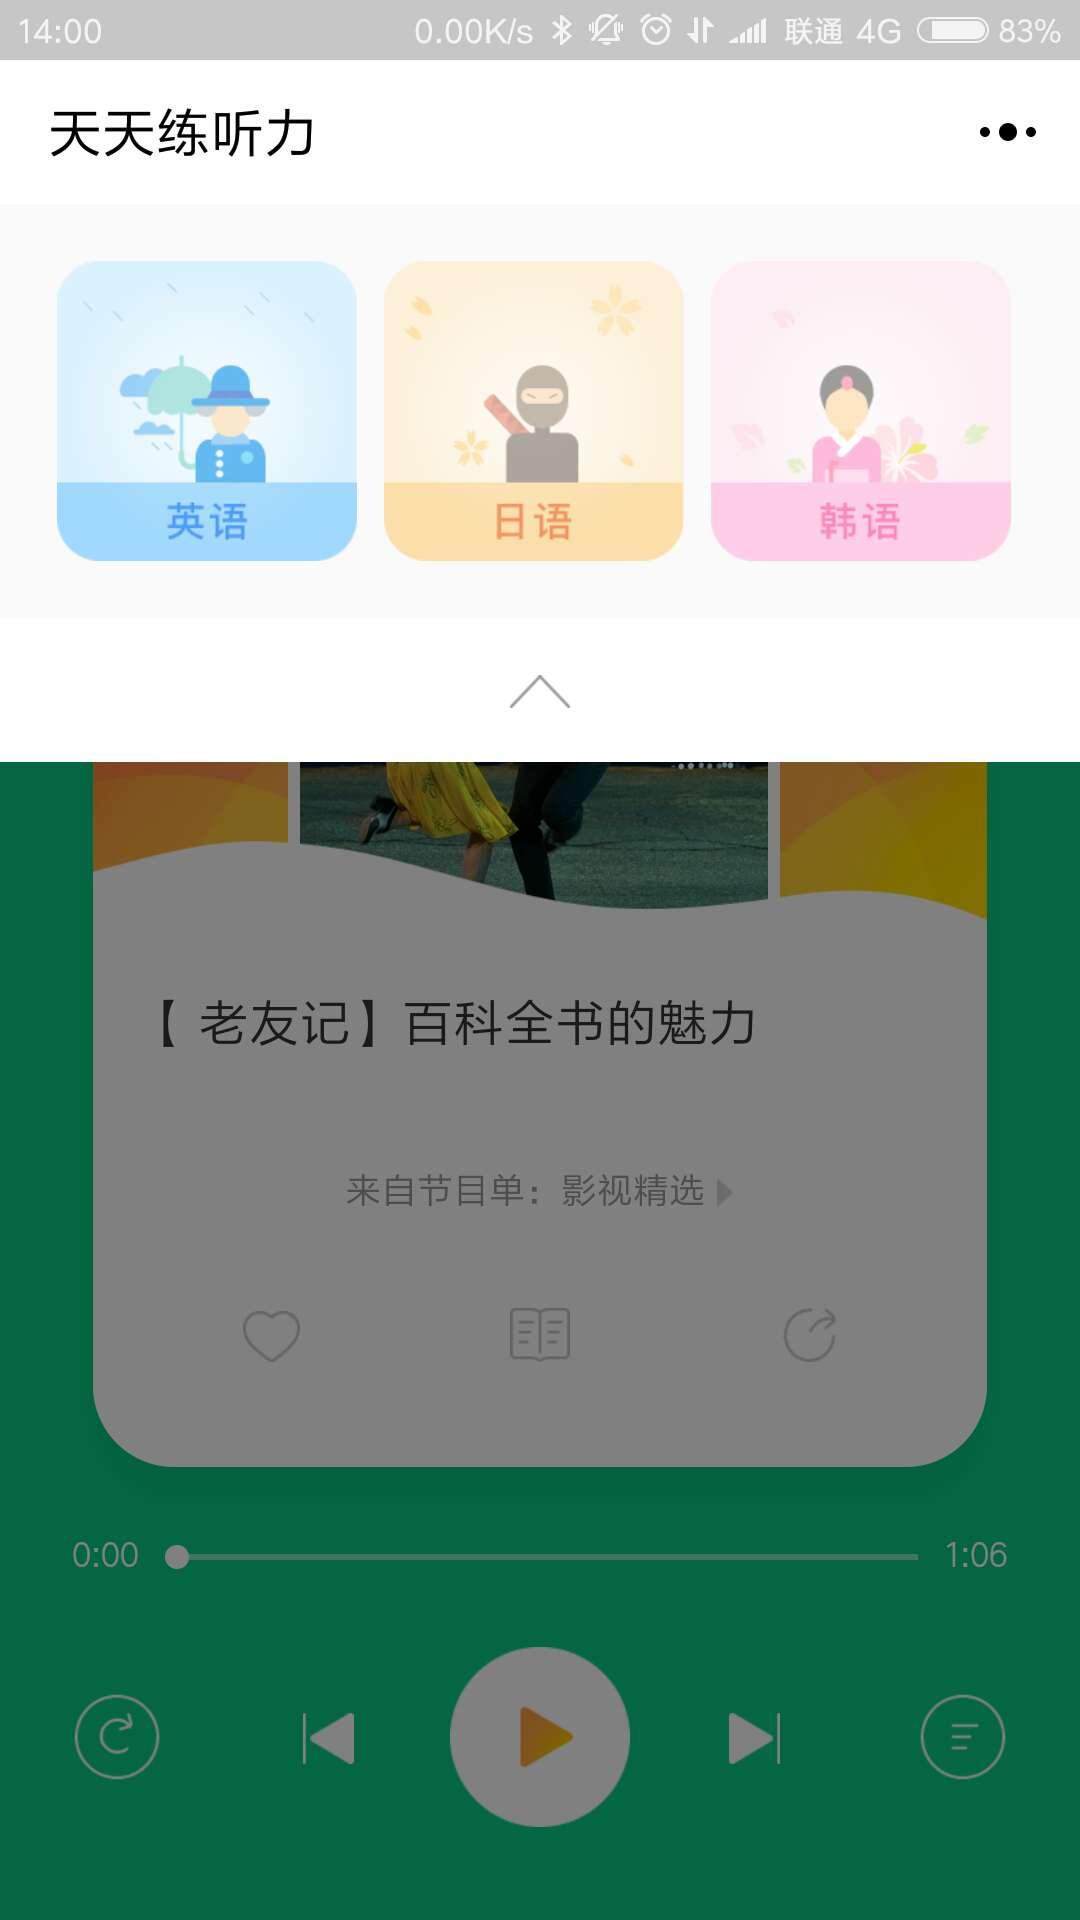 天天练听力一英语日语韩语小语种小程序